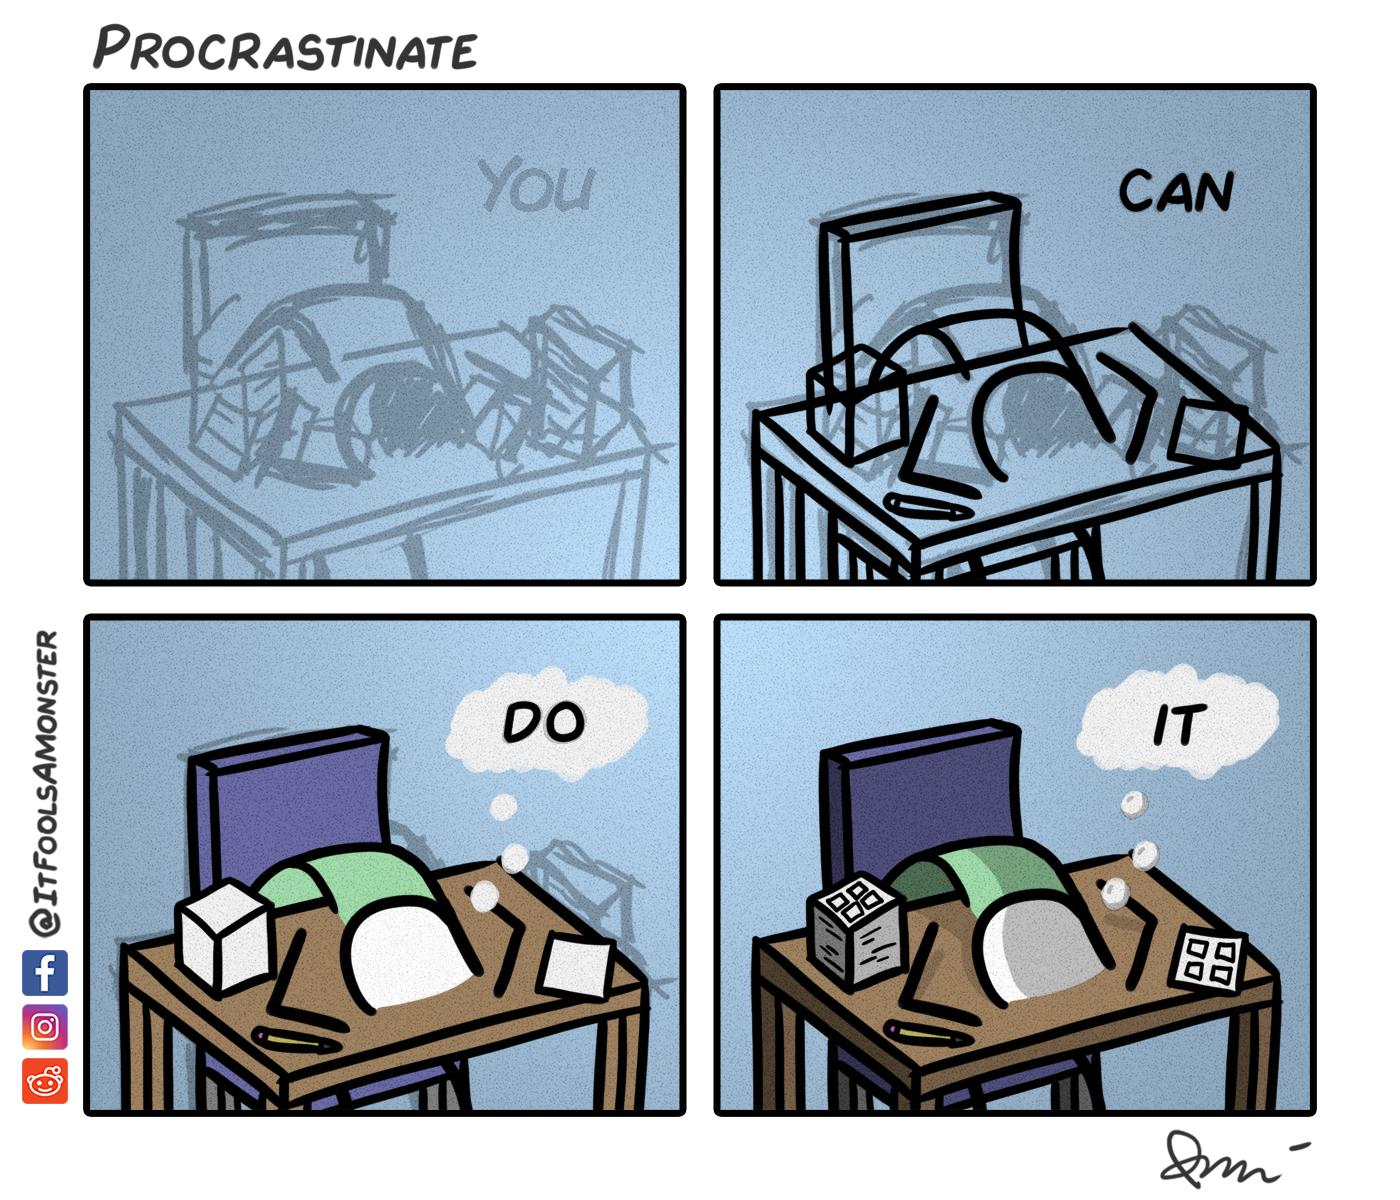 066-procrastinate_tab.jpg